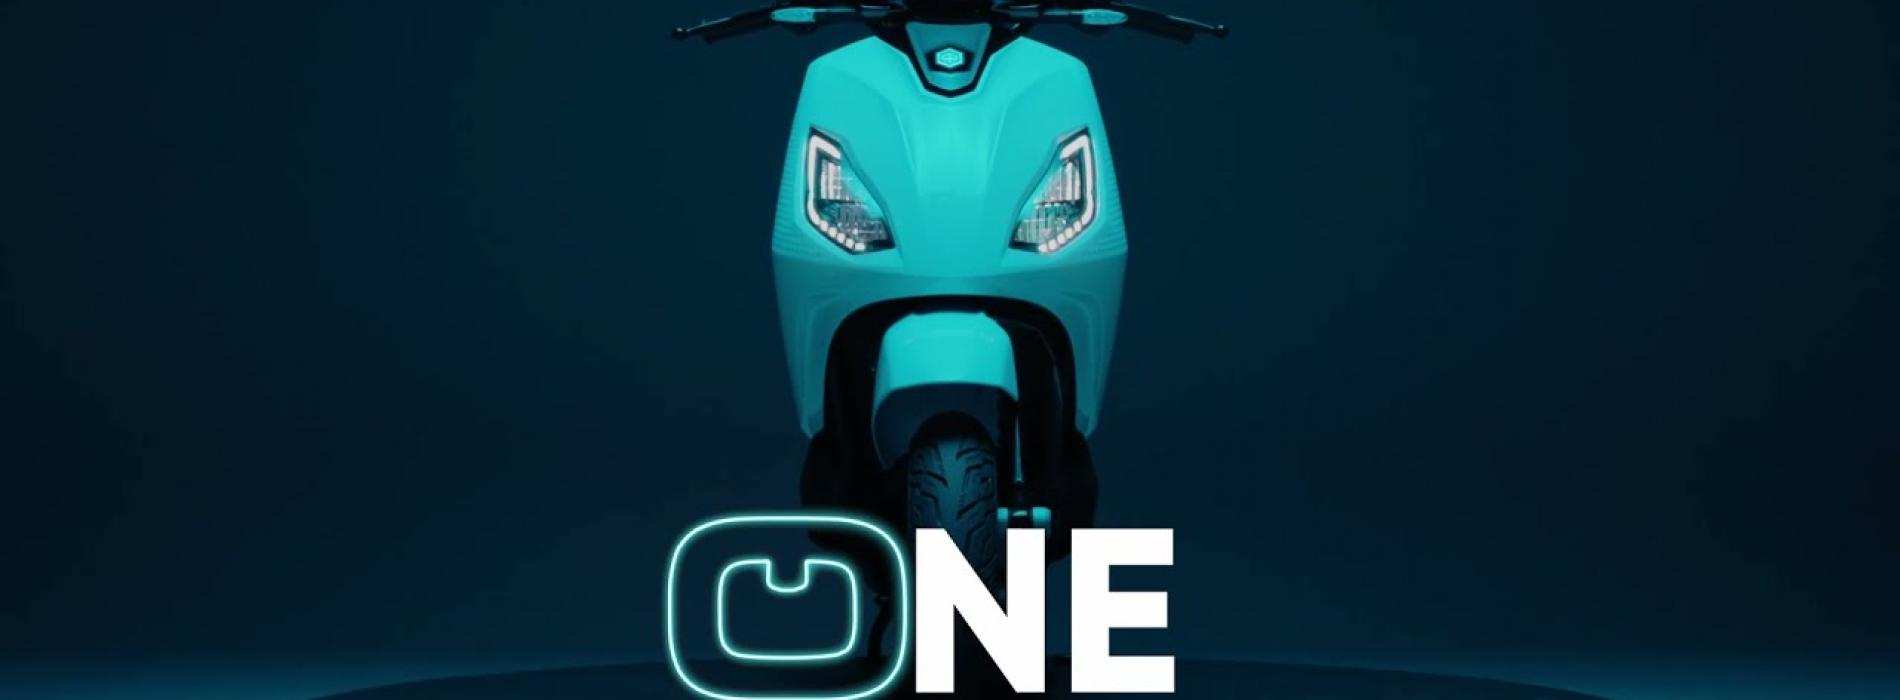 Piaggio ONE, entrando na nova era de mobilidade urbana e elétrica (Video Oficial)